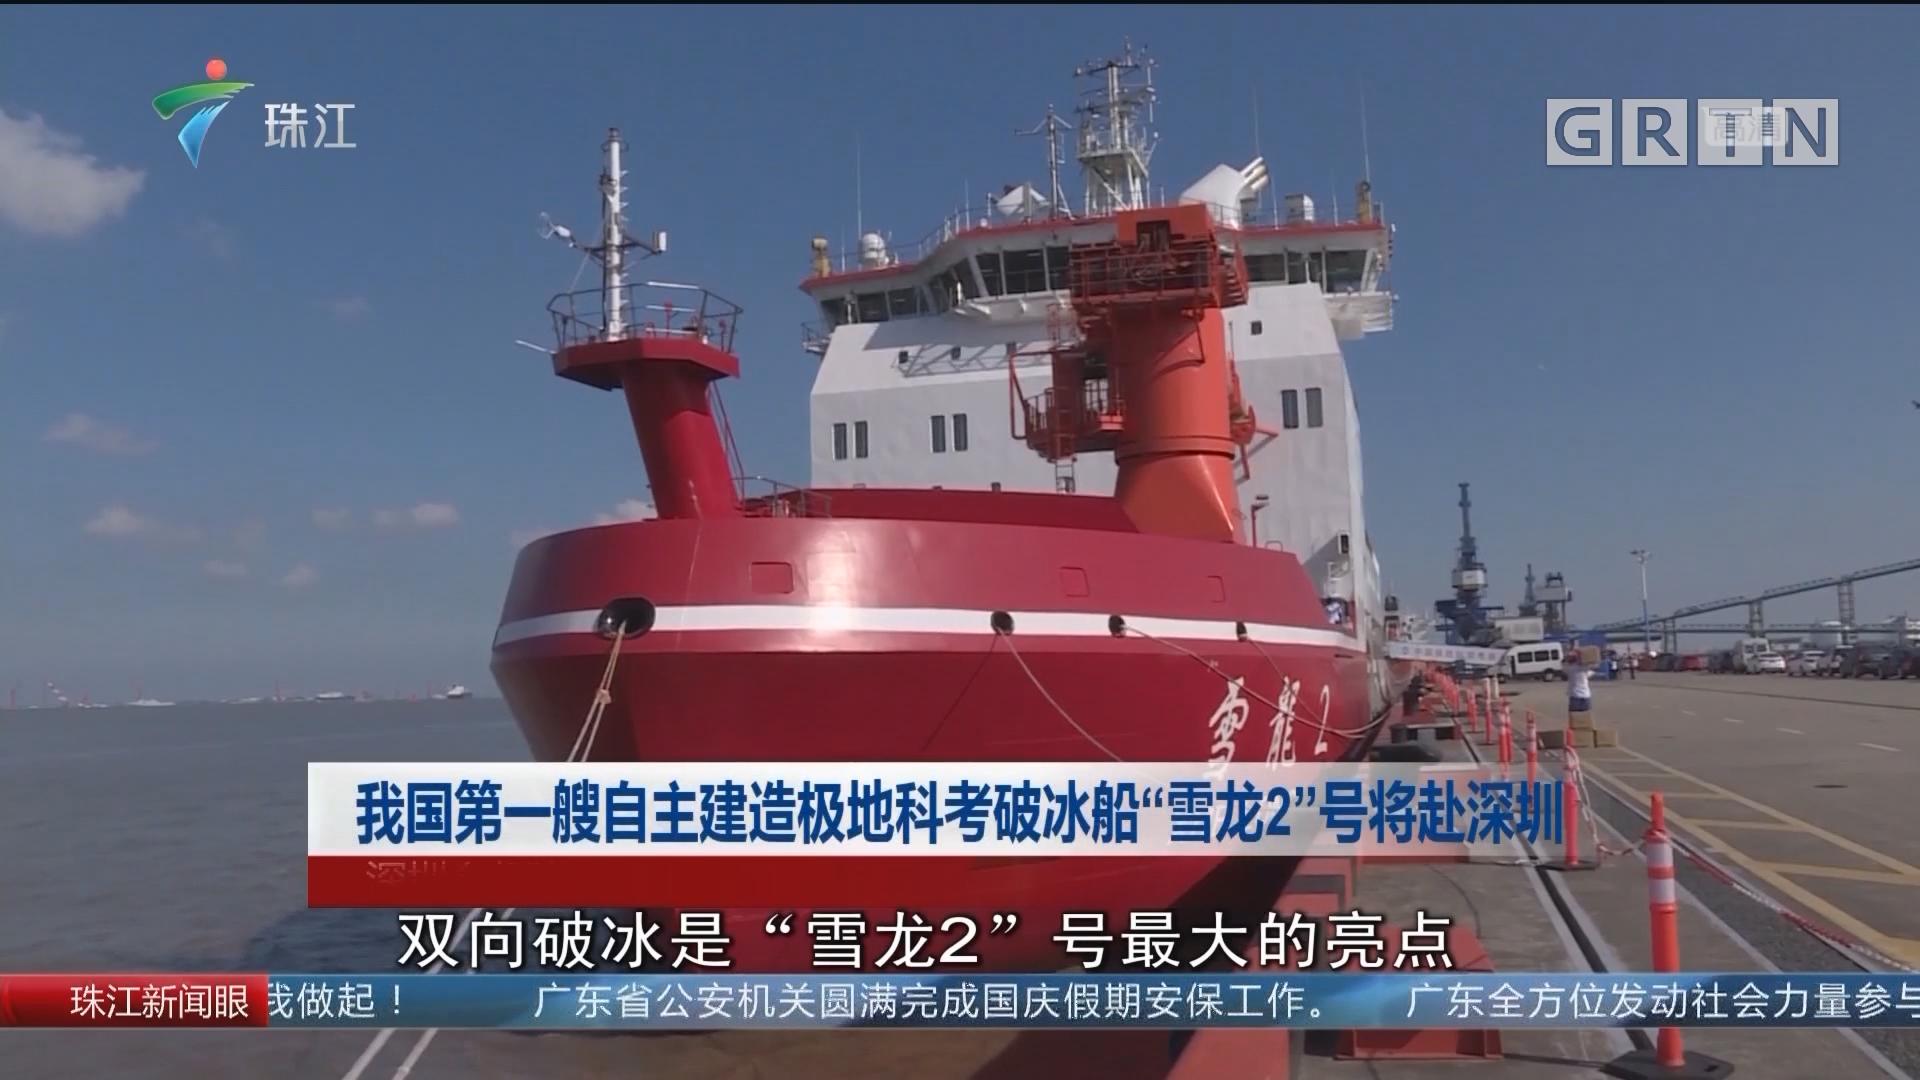 """我国第一艘自主建造极地科考破冰船""""雪龙2""""号将赴深圳"""